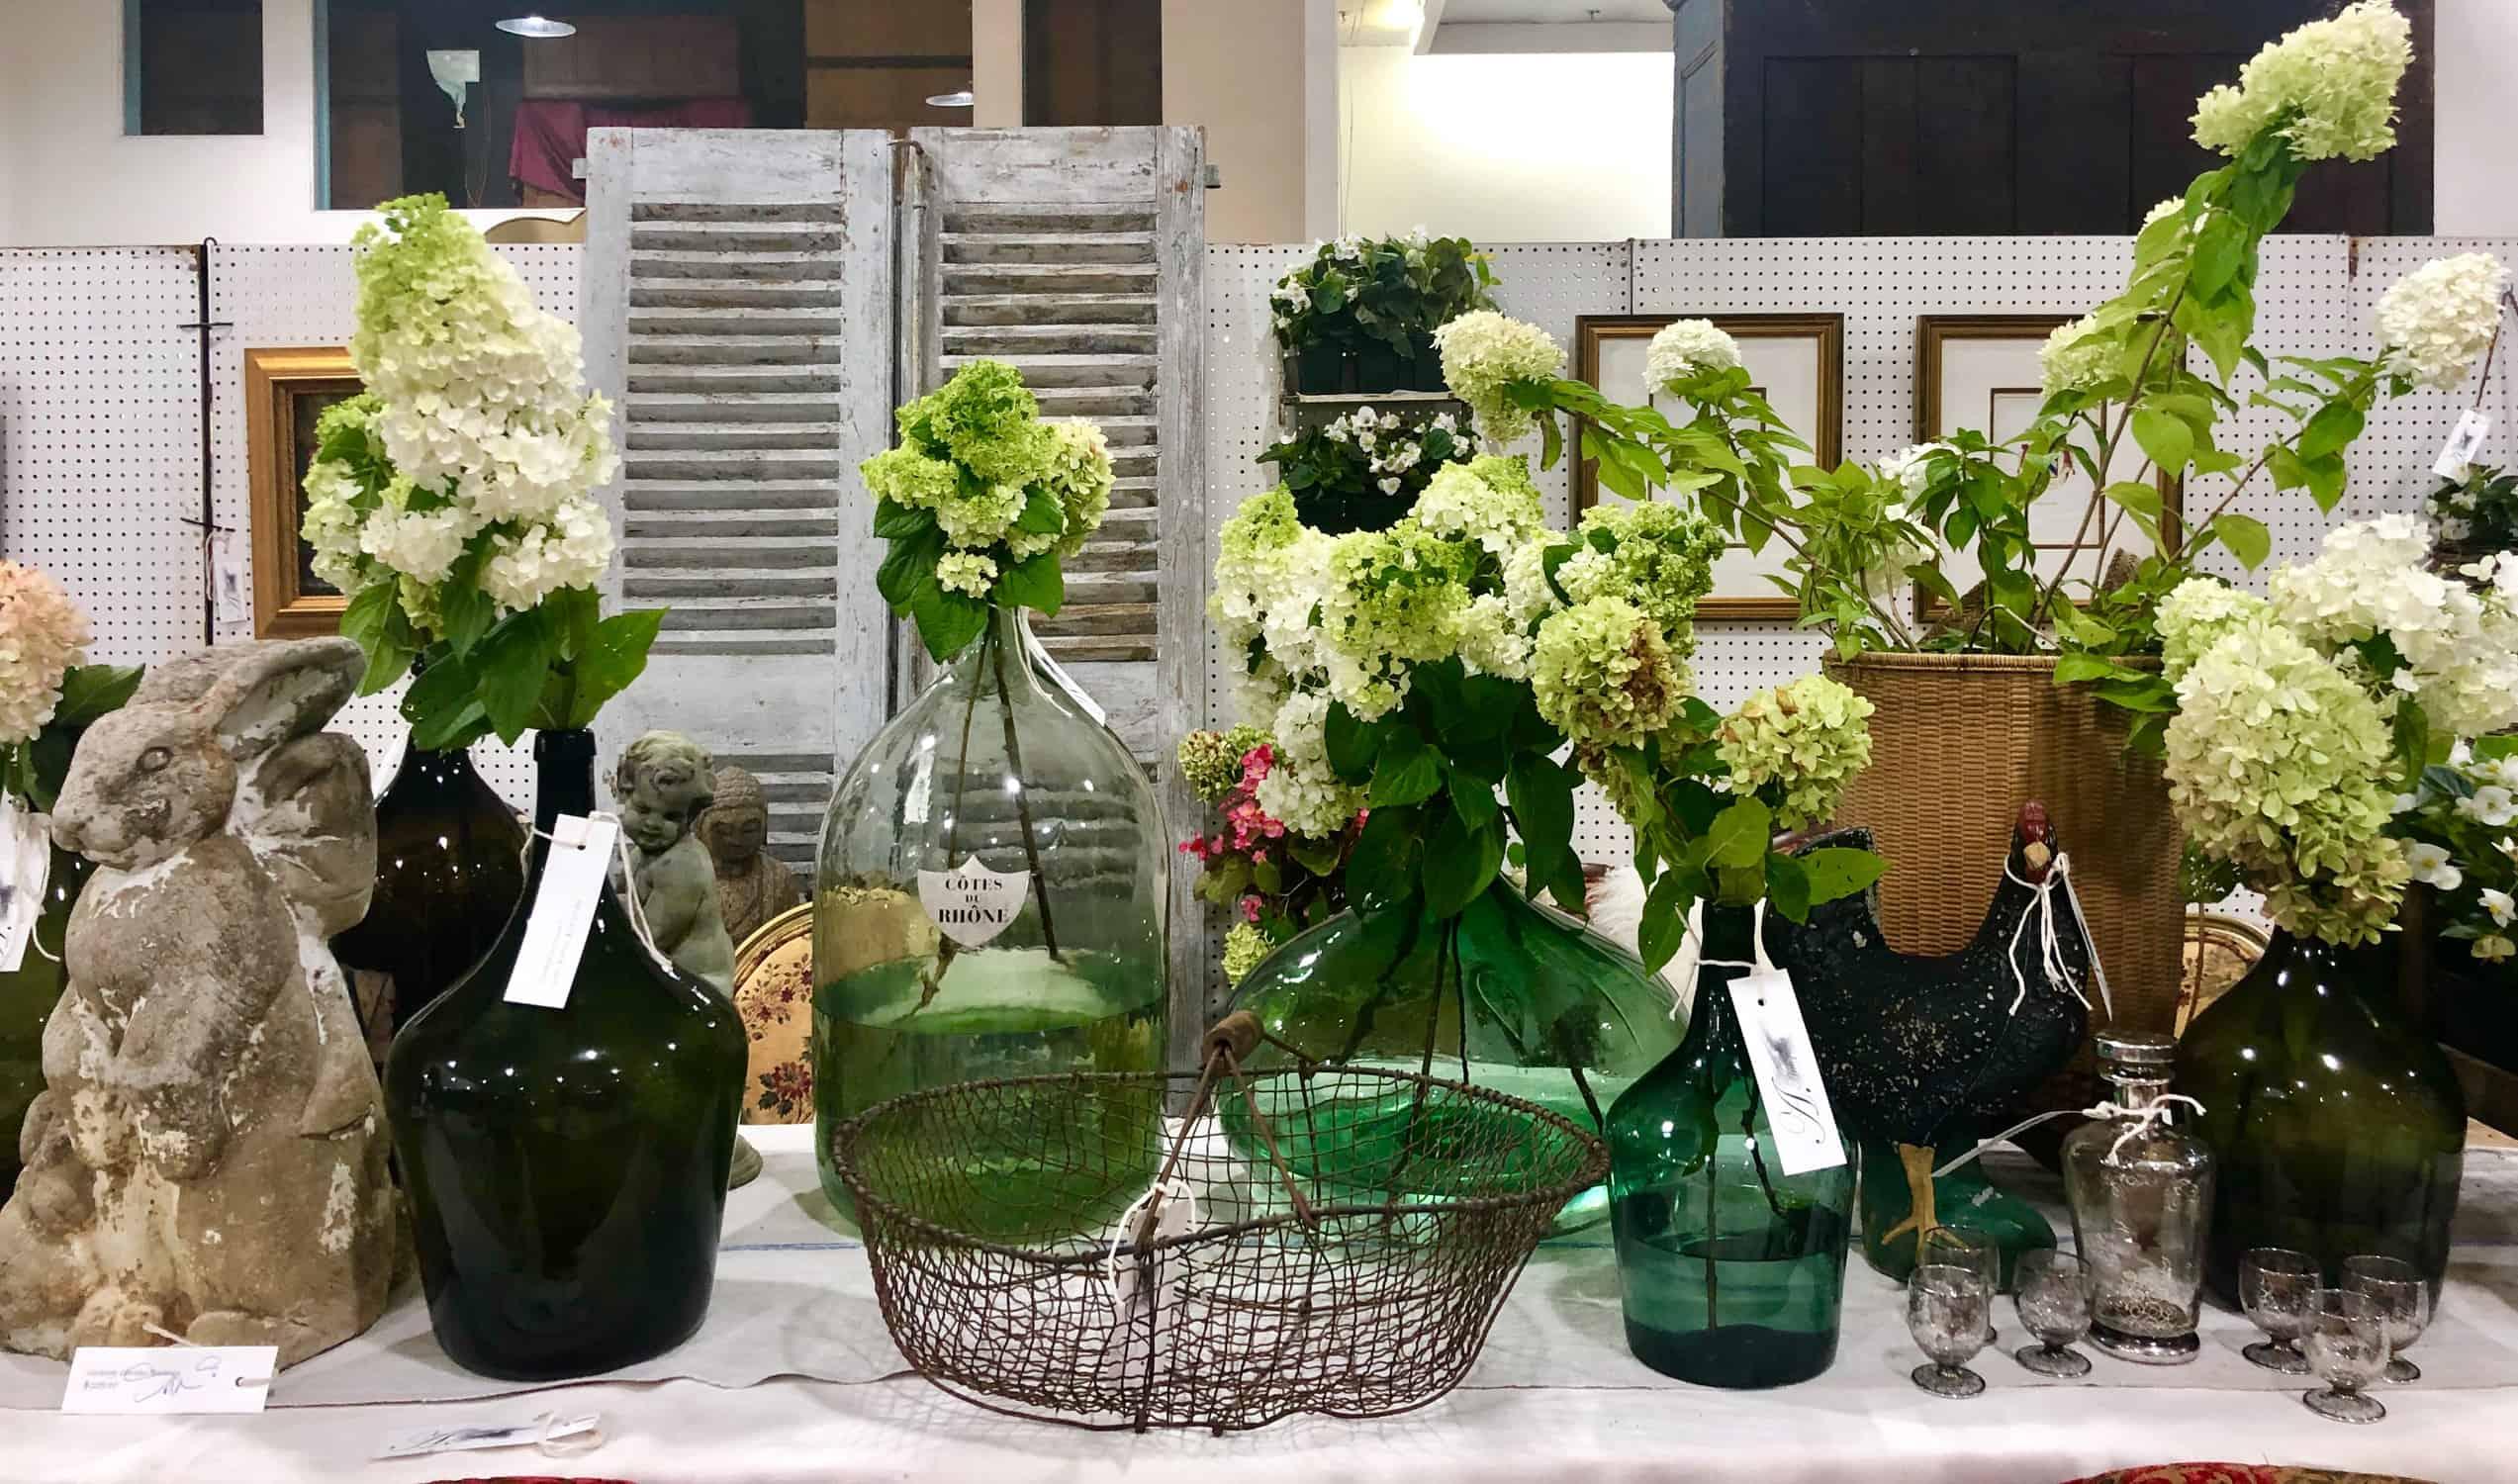 scotts antiques vintage wine bottle arrangement